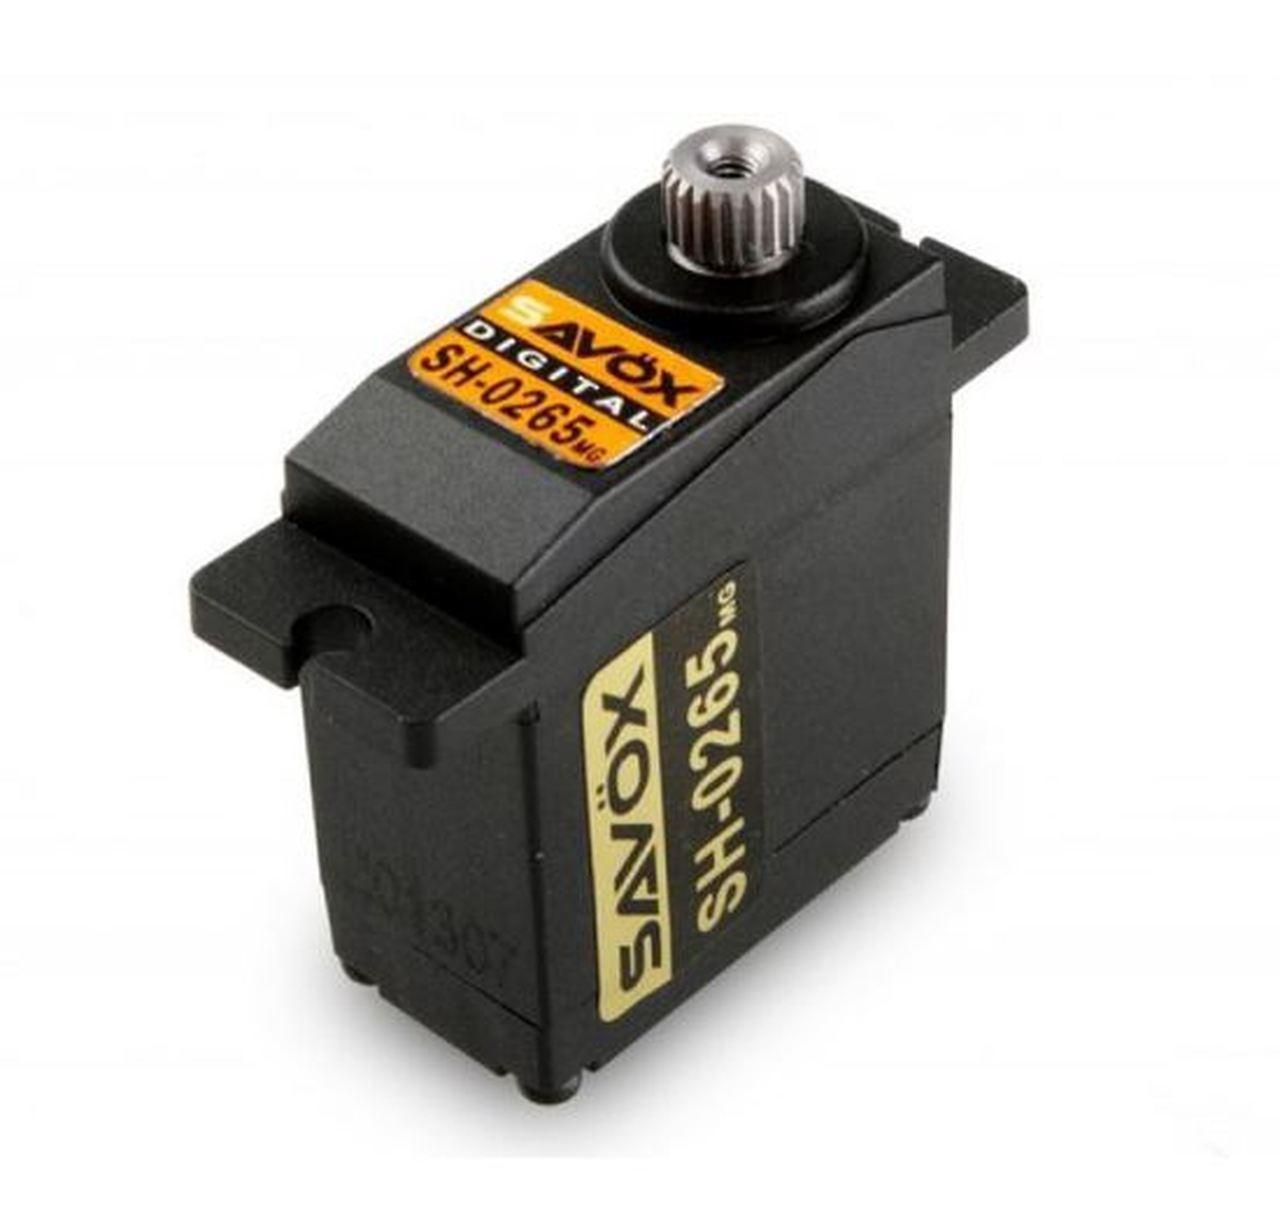 Savox # SH-0265MG Metal Gear Micro Digital Servo 2.4kg 0.075 Sec